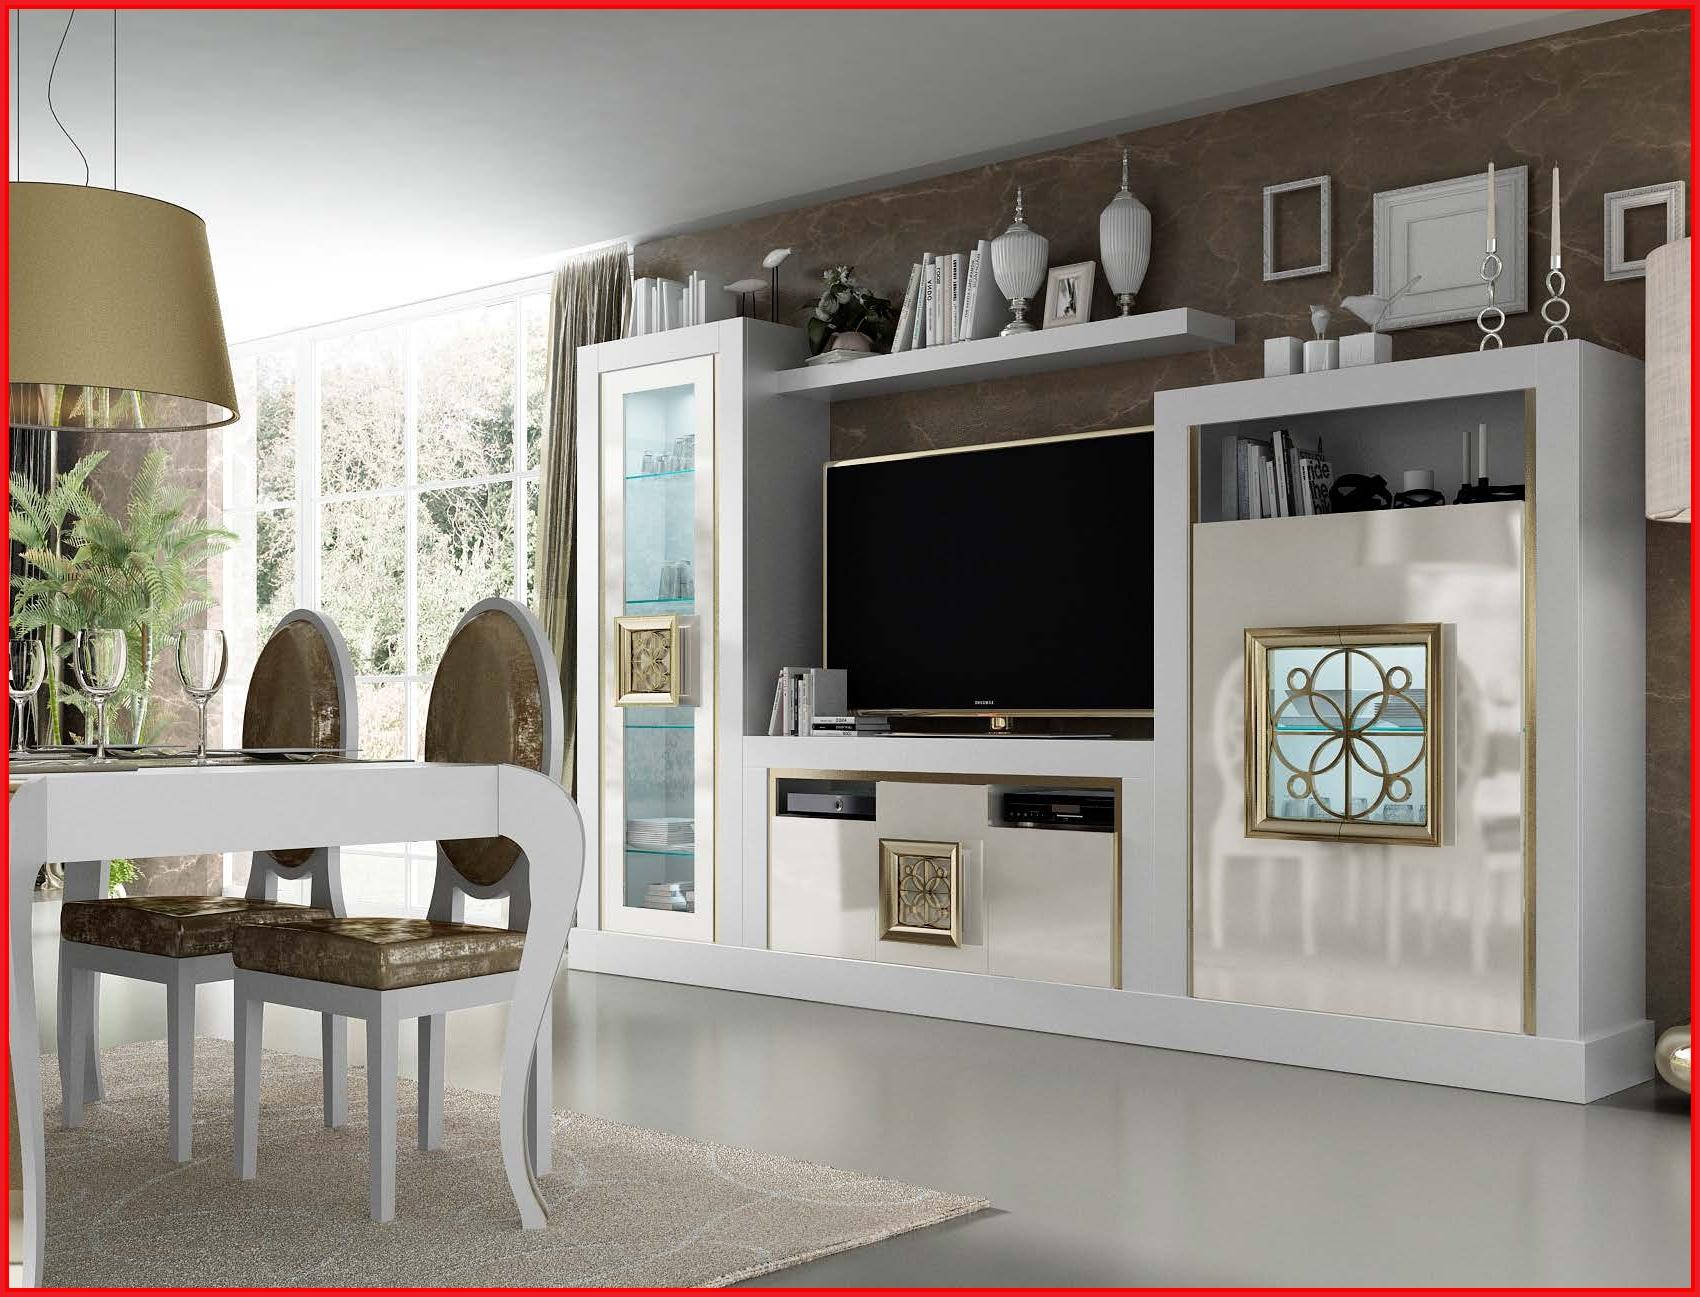 Tiendas Muebles Logroño Xtd6 Arquitectura De Diseà O Para Su Hogar Arsenalsupremo